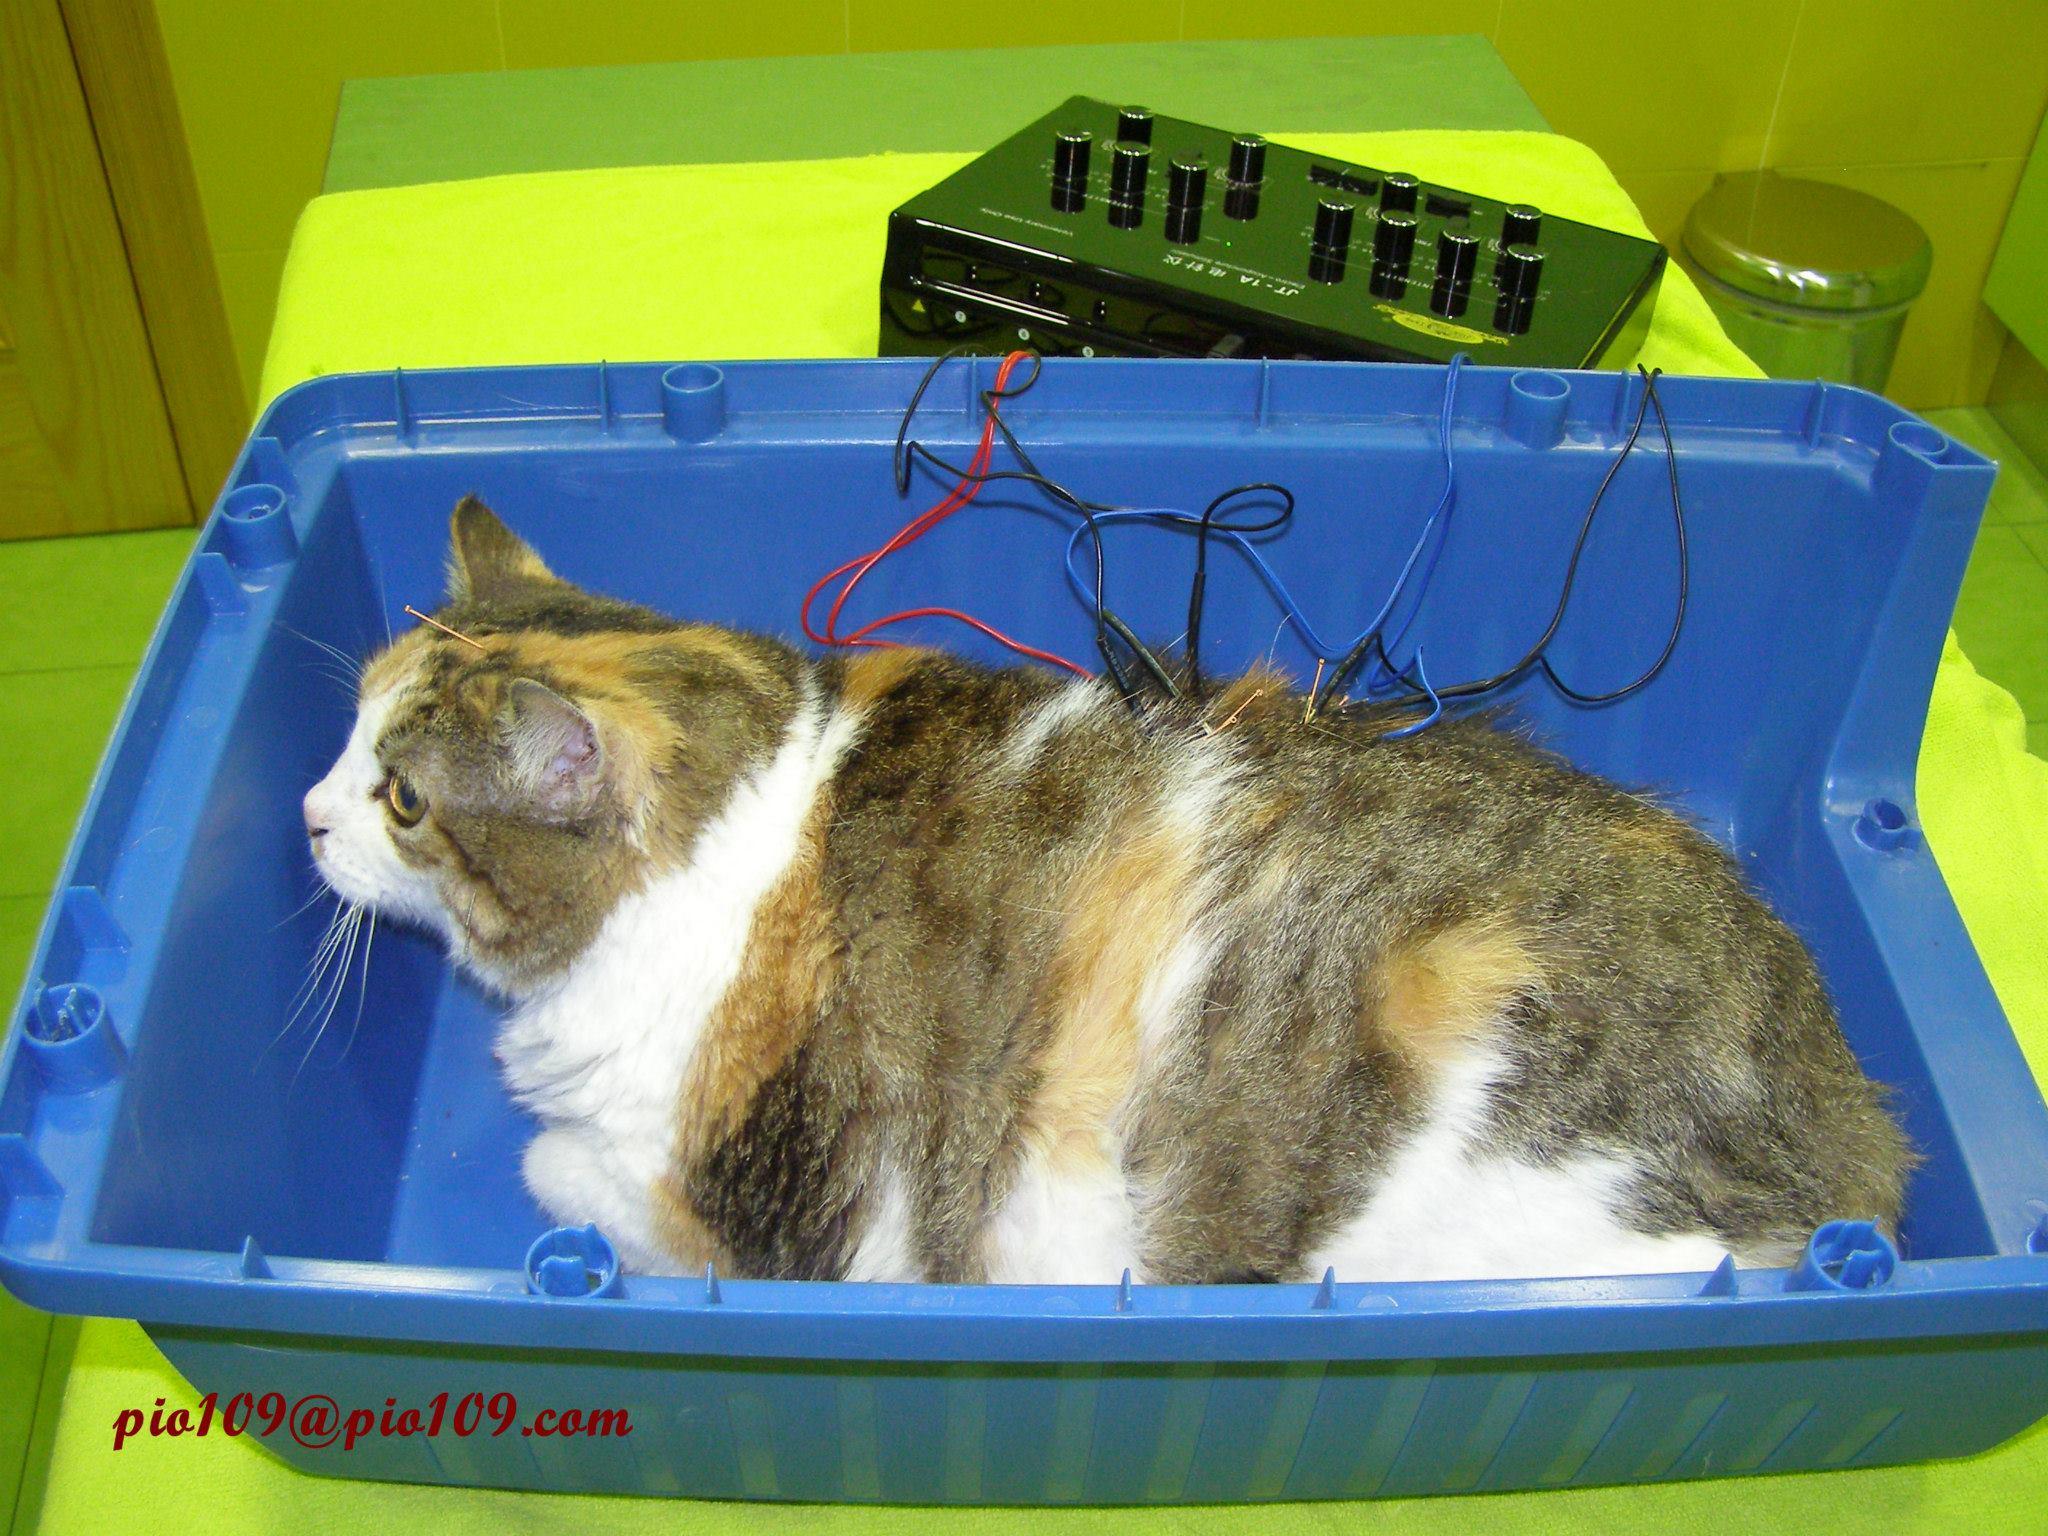 Mina en una sesión de electroacupuntura